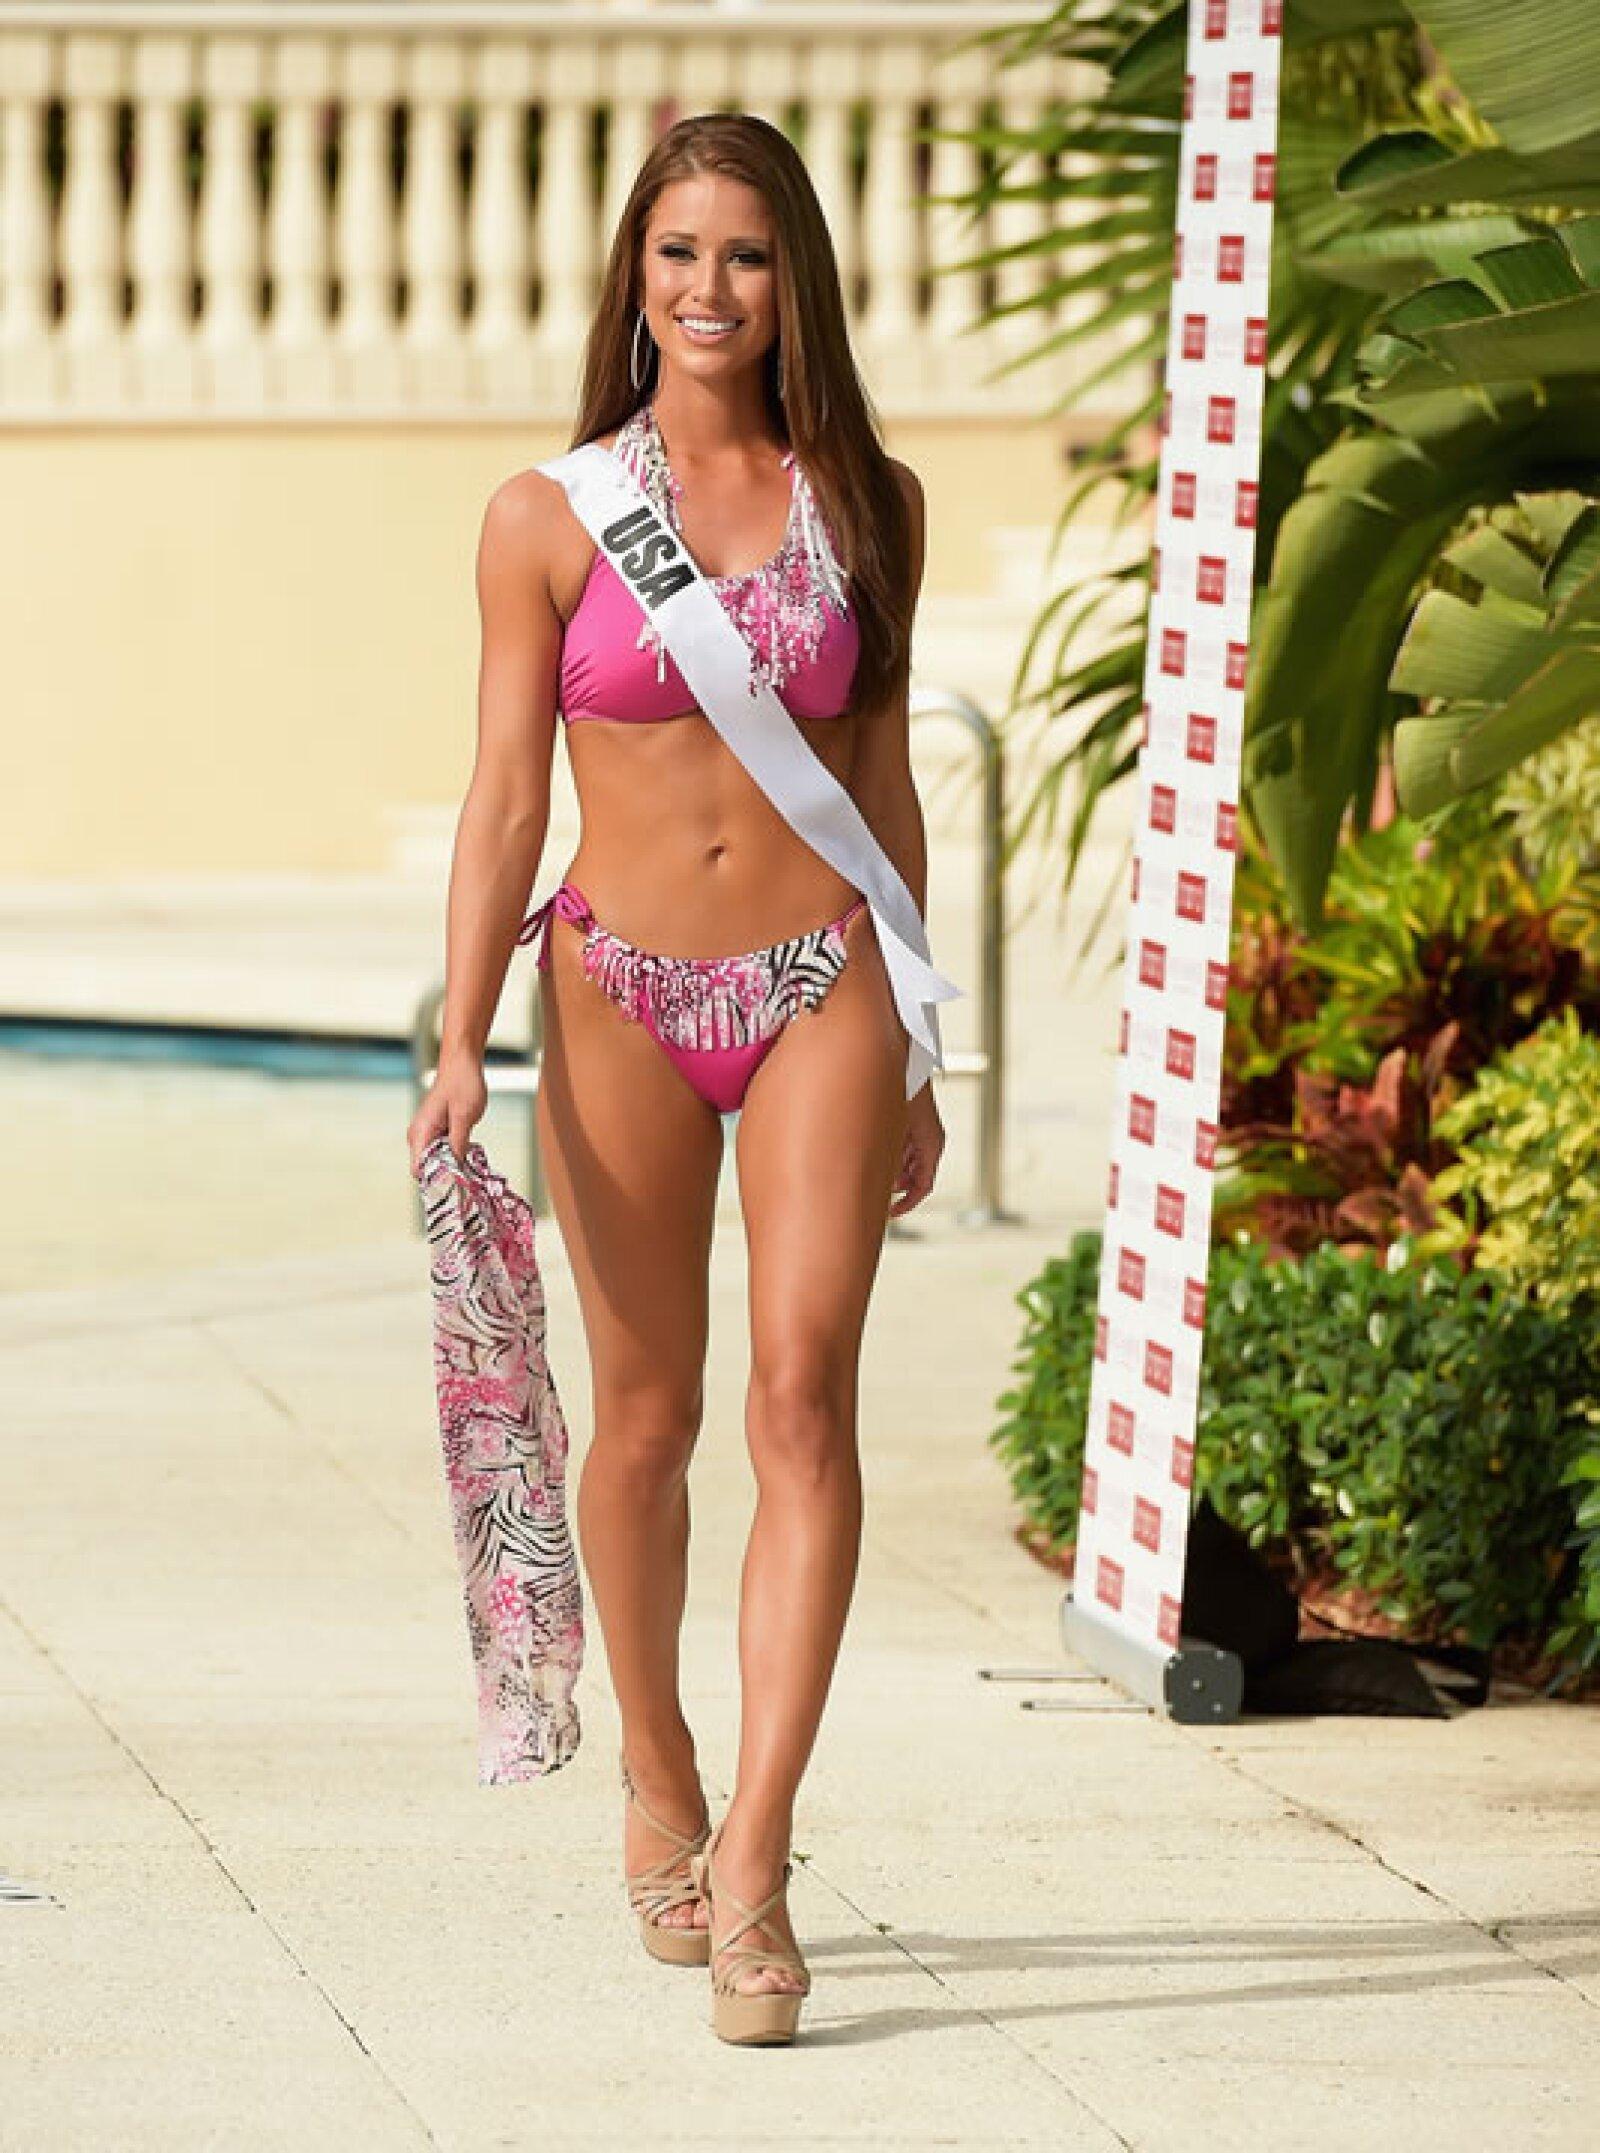 Quien compite de Estados Unidos es Nia Sanchez.